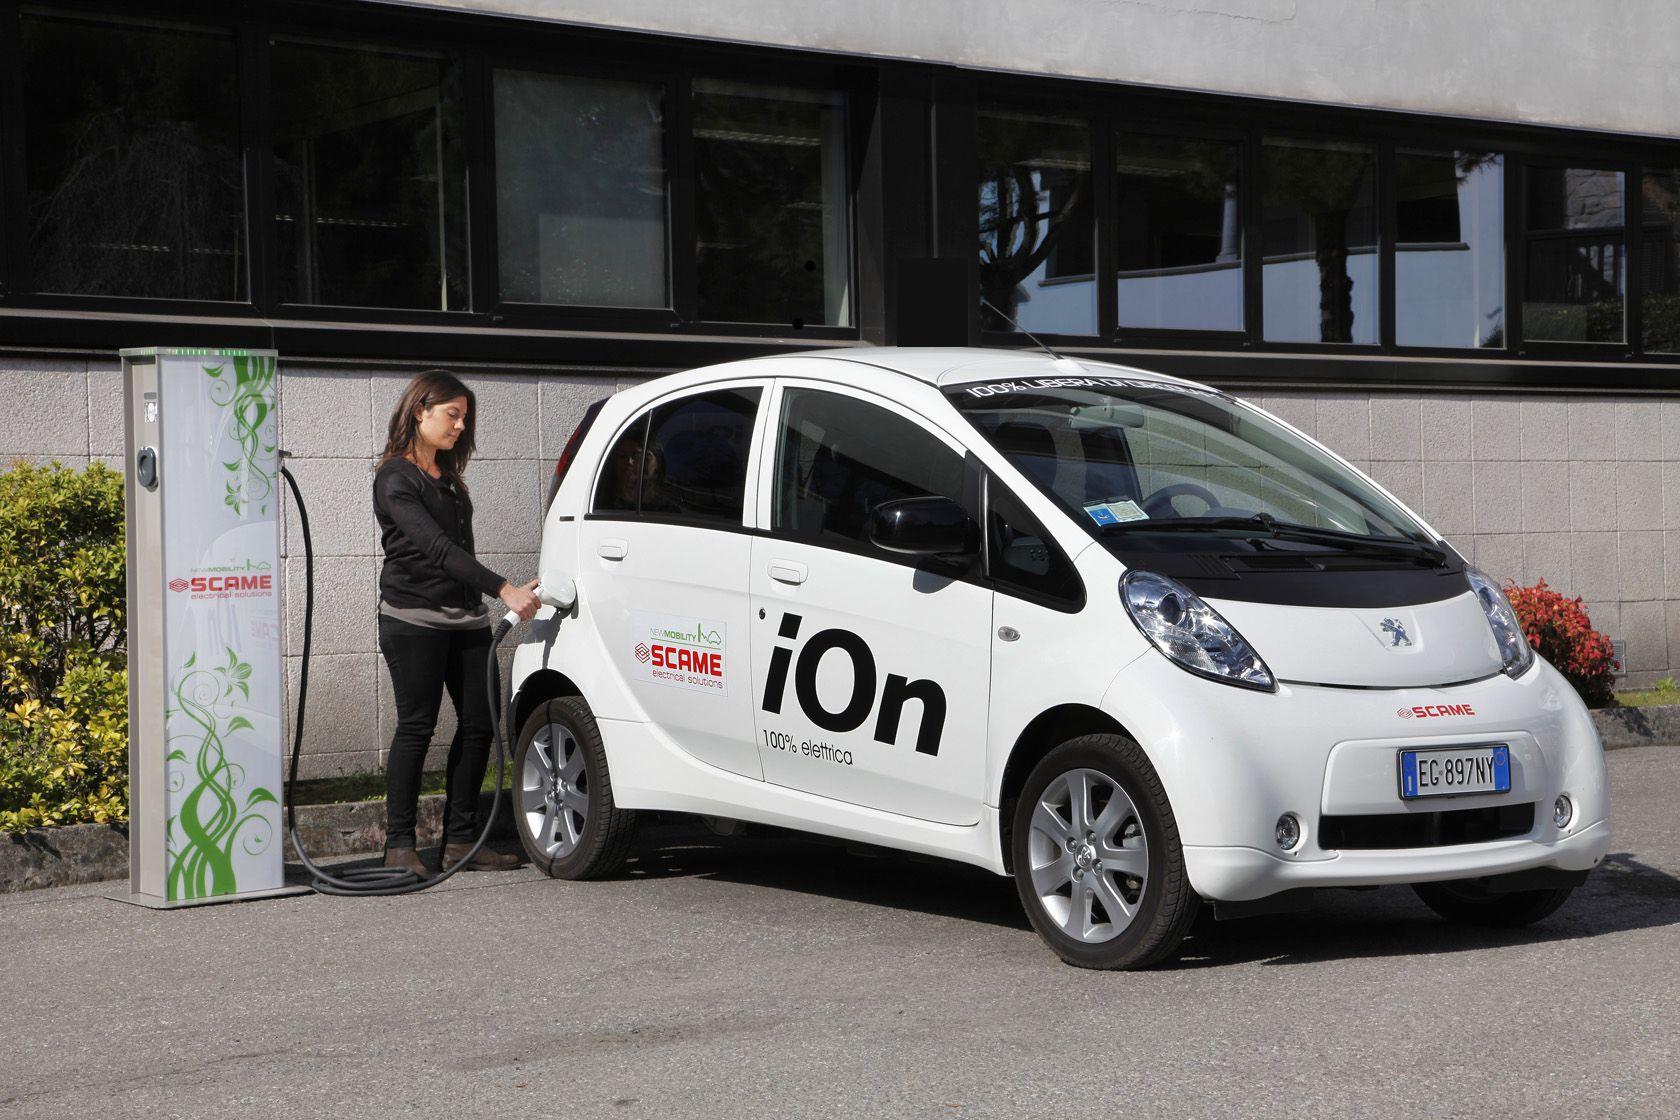 Ricarica Auto Peugeot Ion 100 Elettrica Con Colonnina Di Ricarica